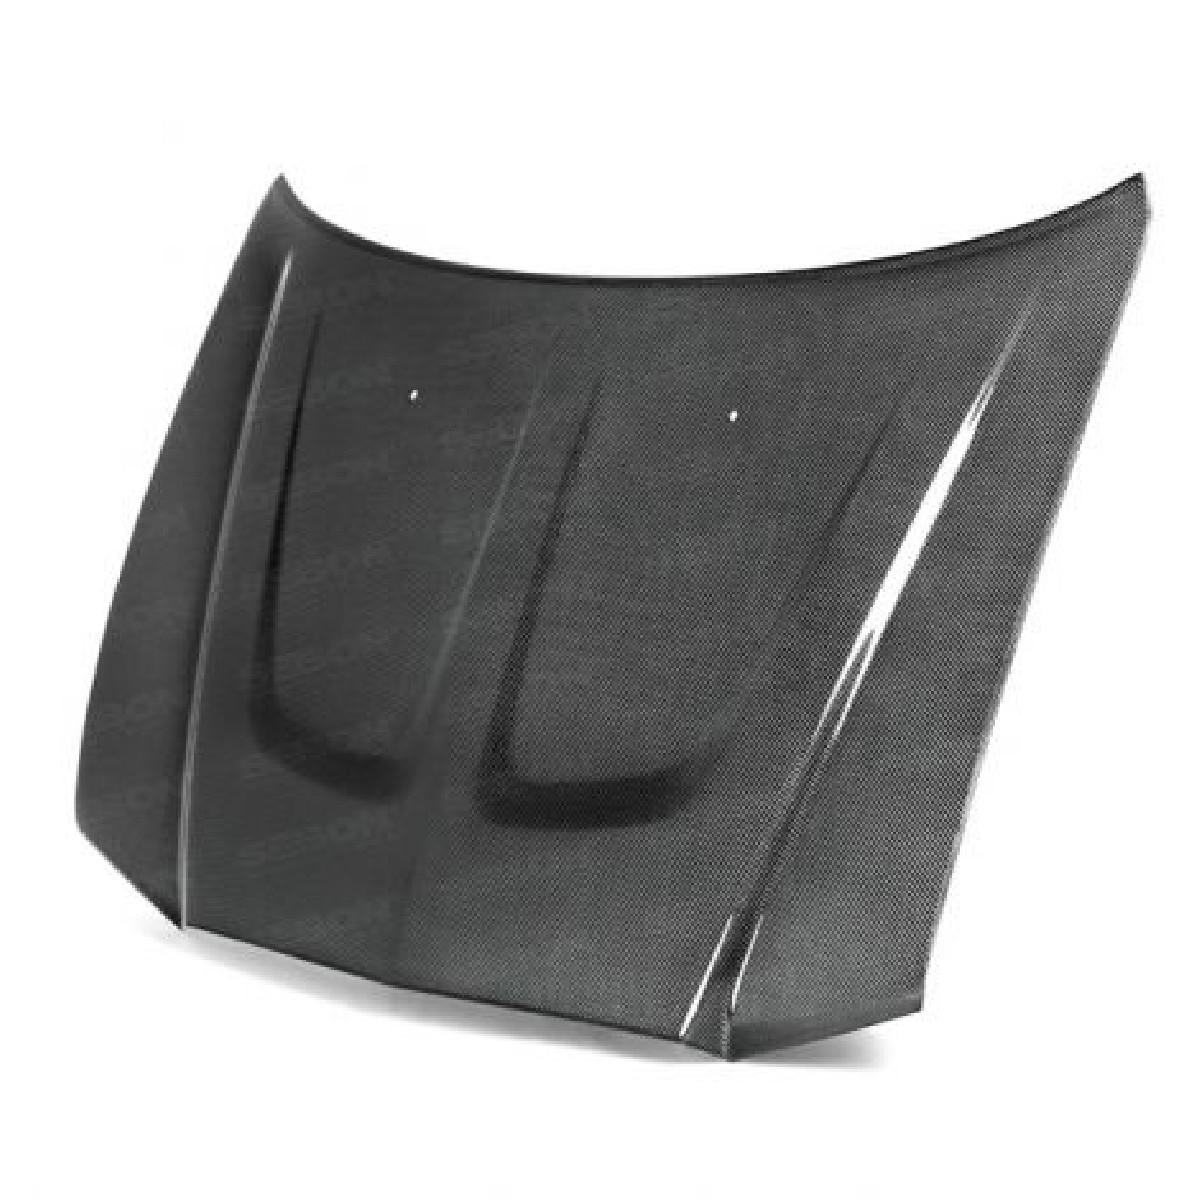 Dodge Charger 11-13 Seibon OEM Carbon Hood